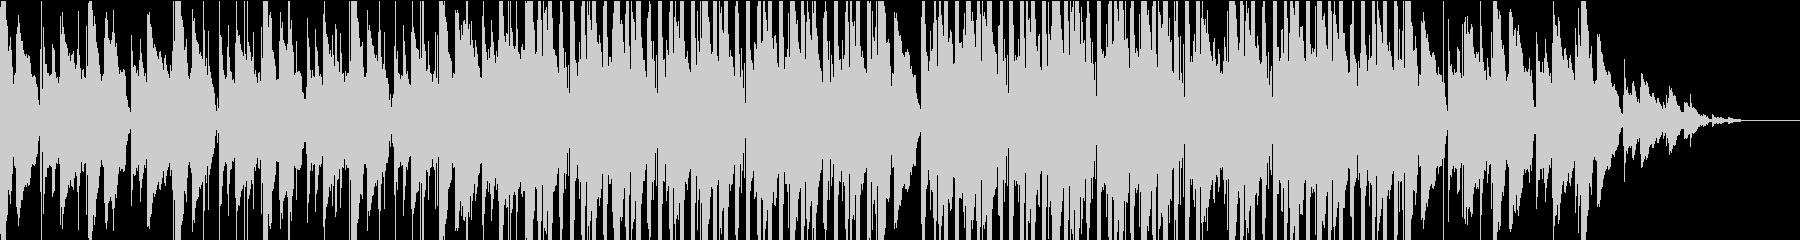 アコギとピアノ 優しいバラードの未再生の波形